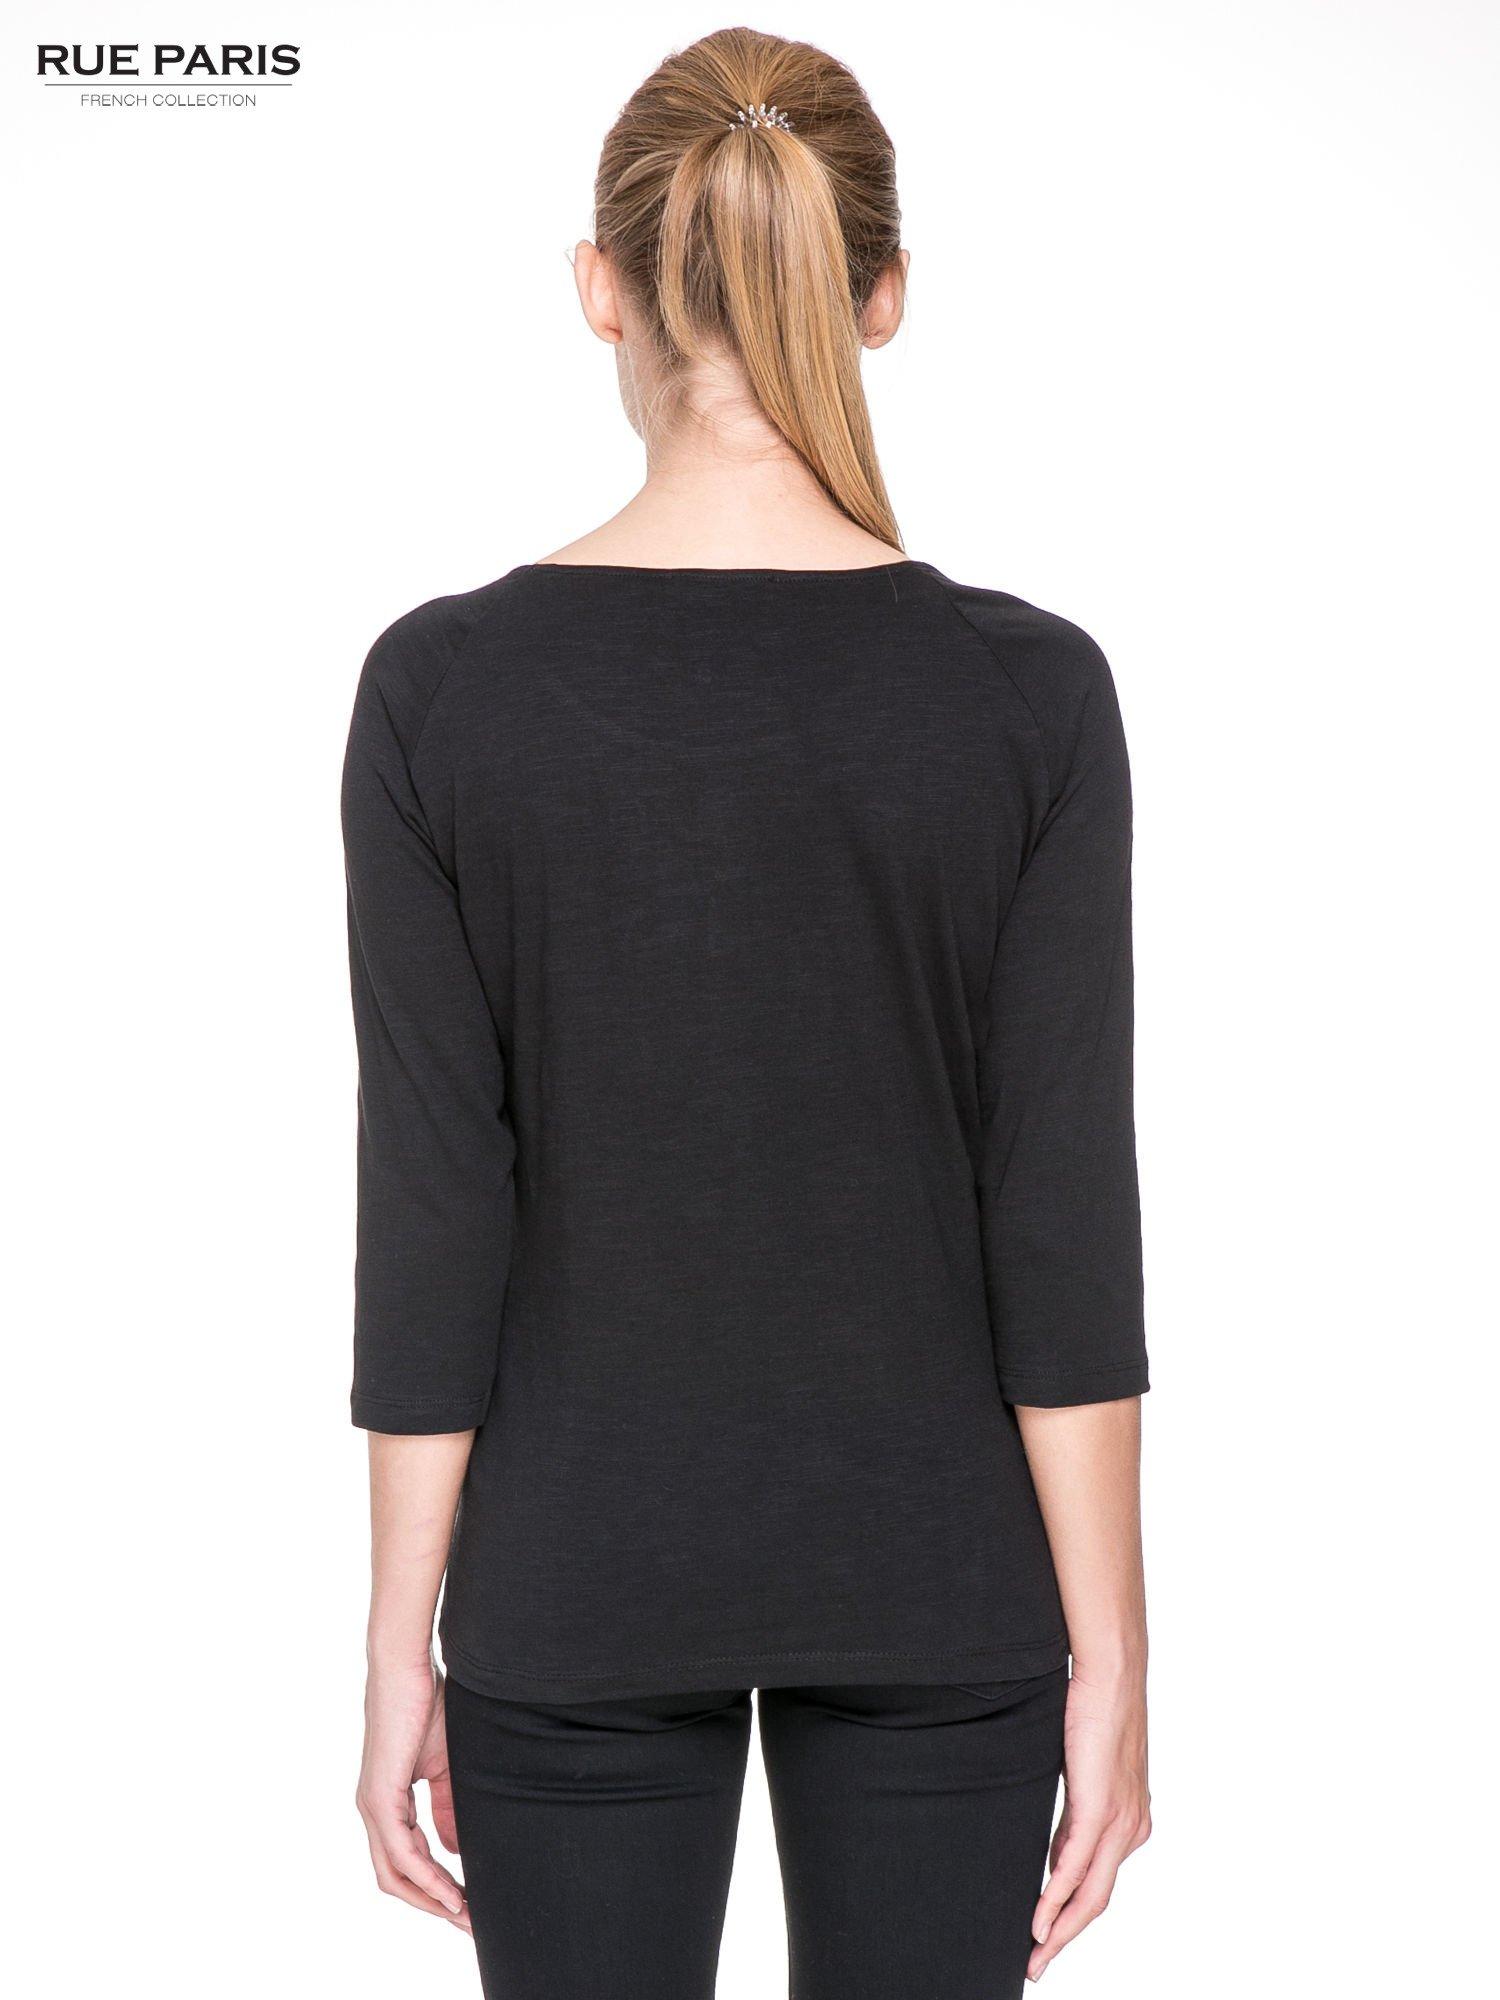 Czarna bluzka z koronkowym przodem                                  zdj.                                  4